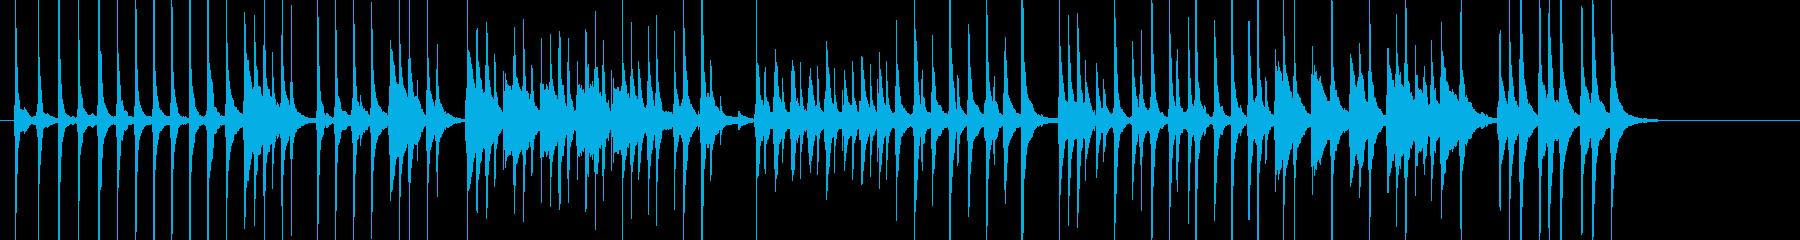 三味線51勧進帳3寄合方弁慶義経山伏富樫の再生済みの波形